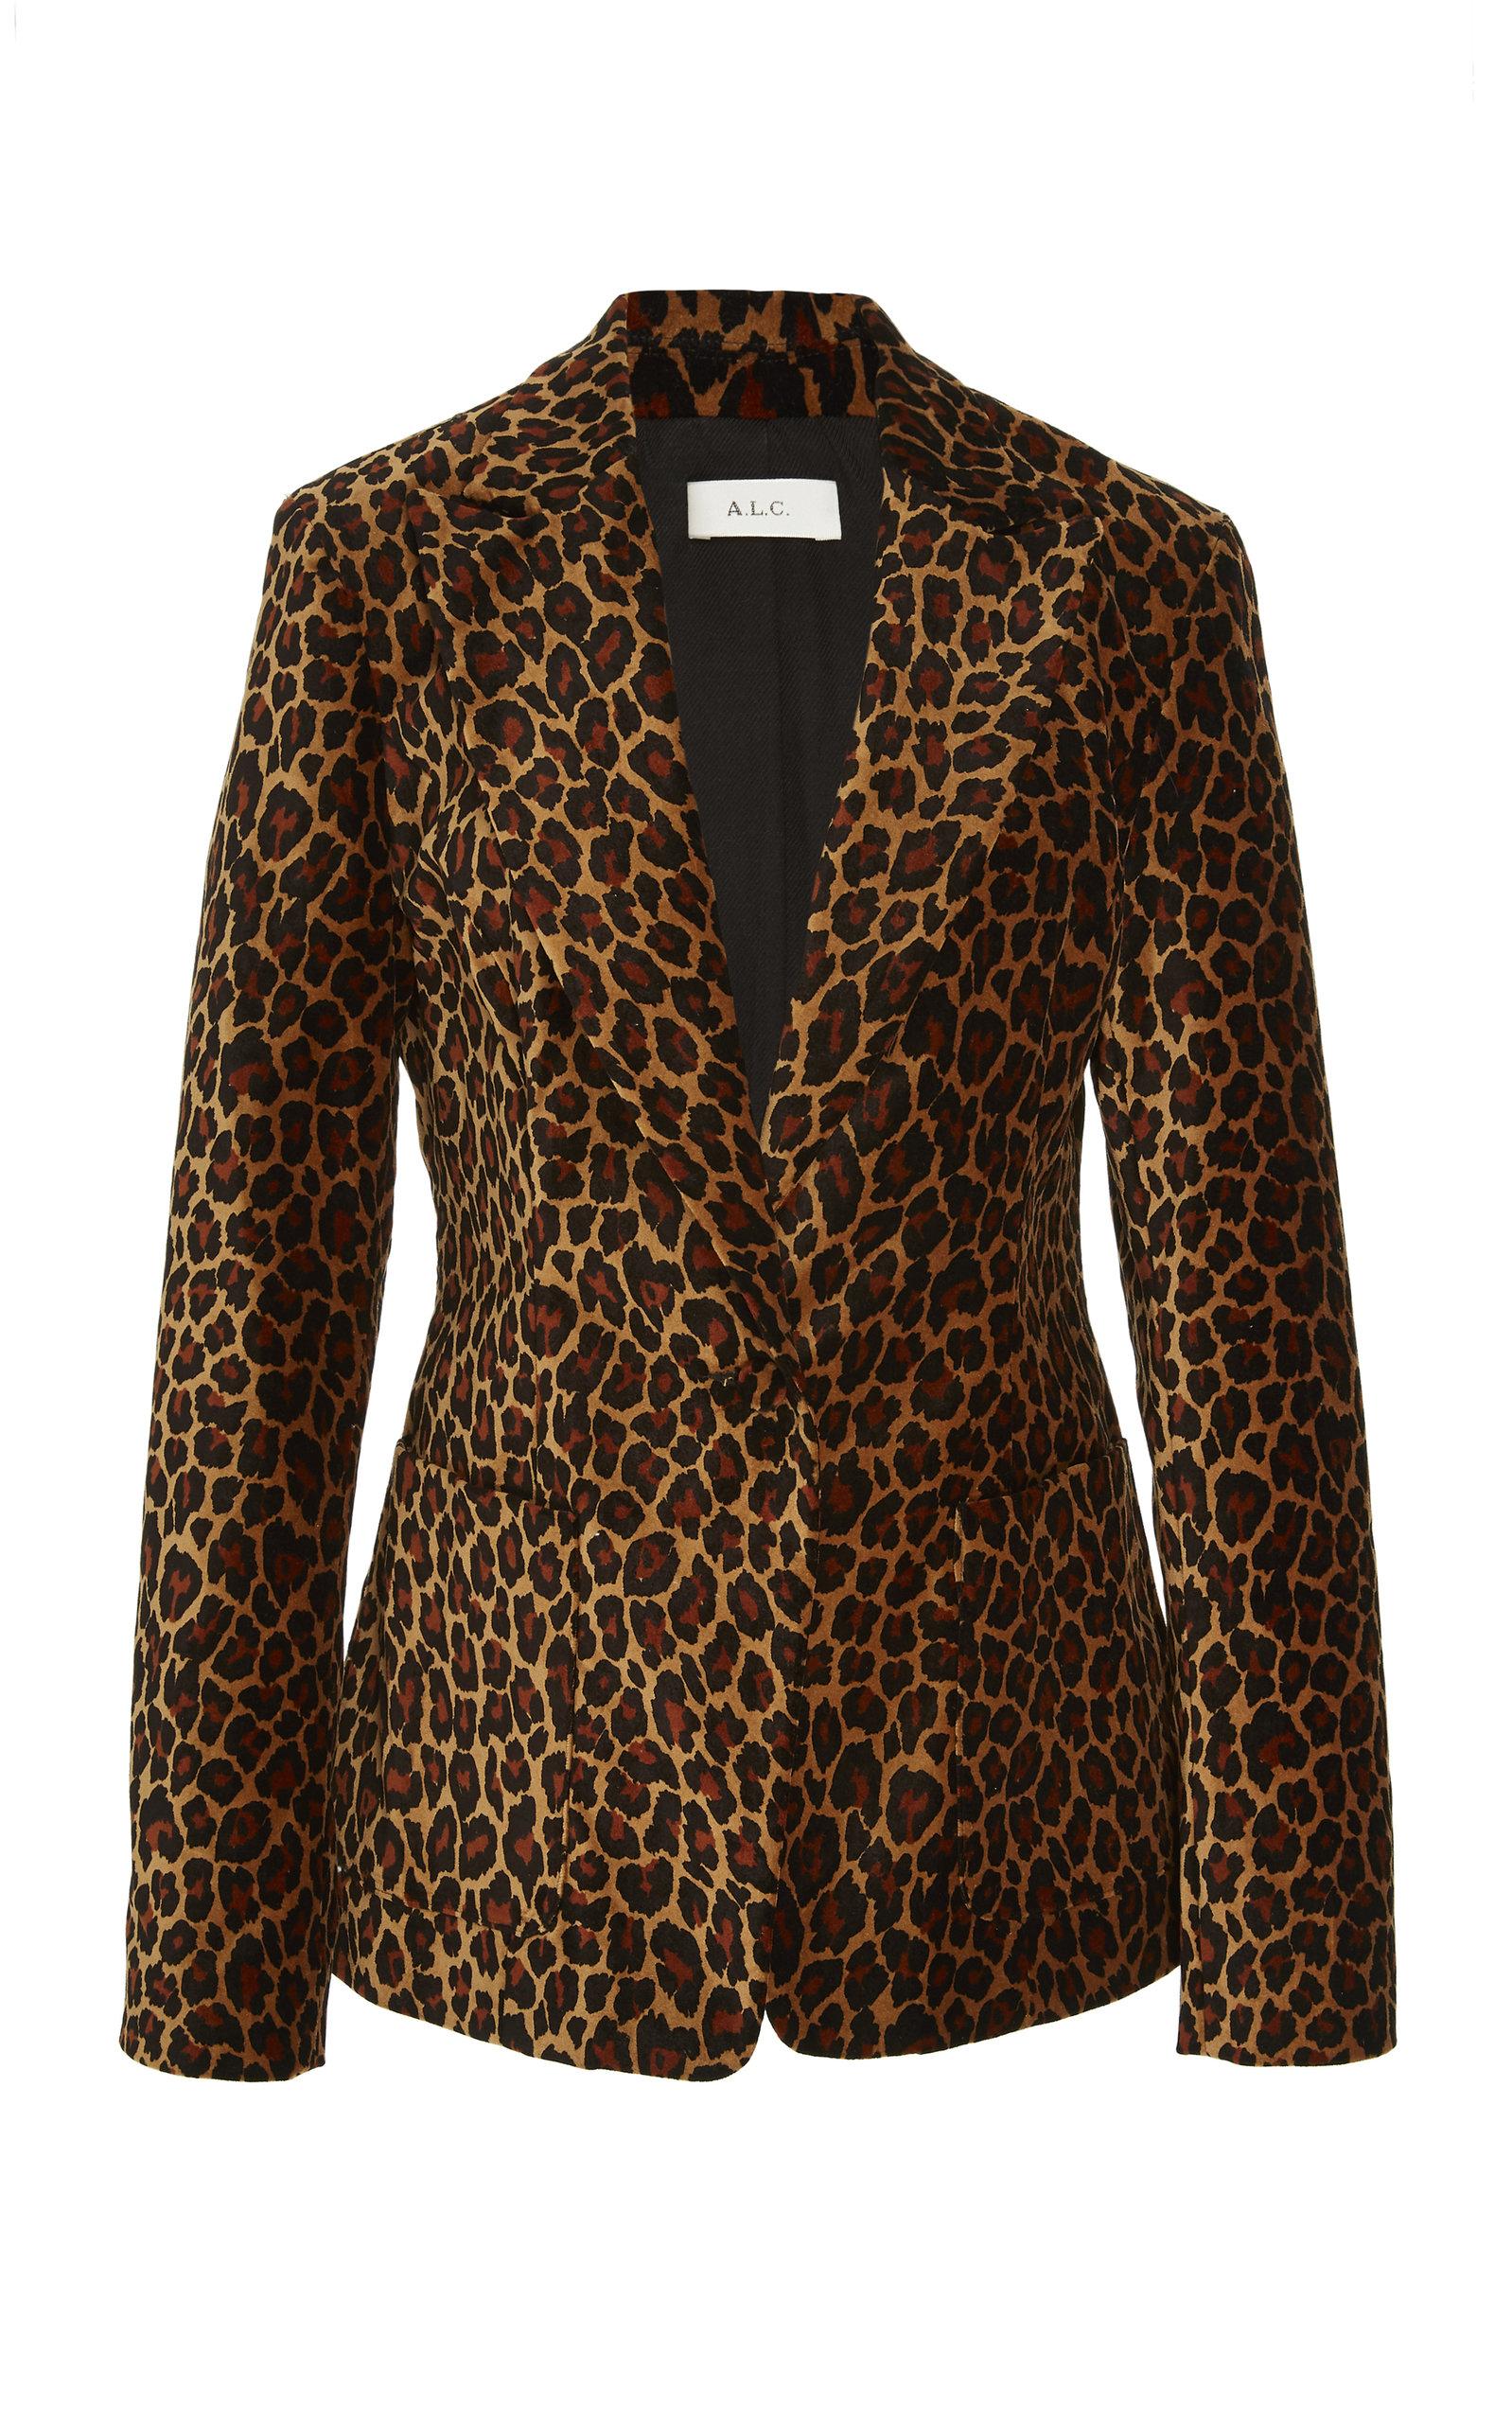 Mercer Leopard-Print Velvet Blazer Size 12 in Animal